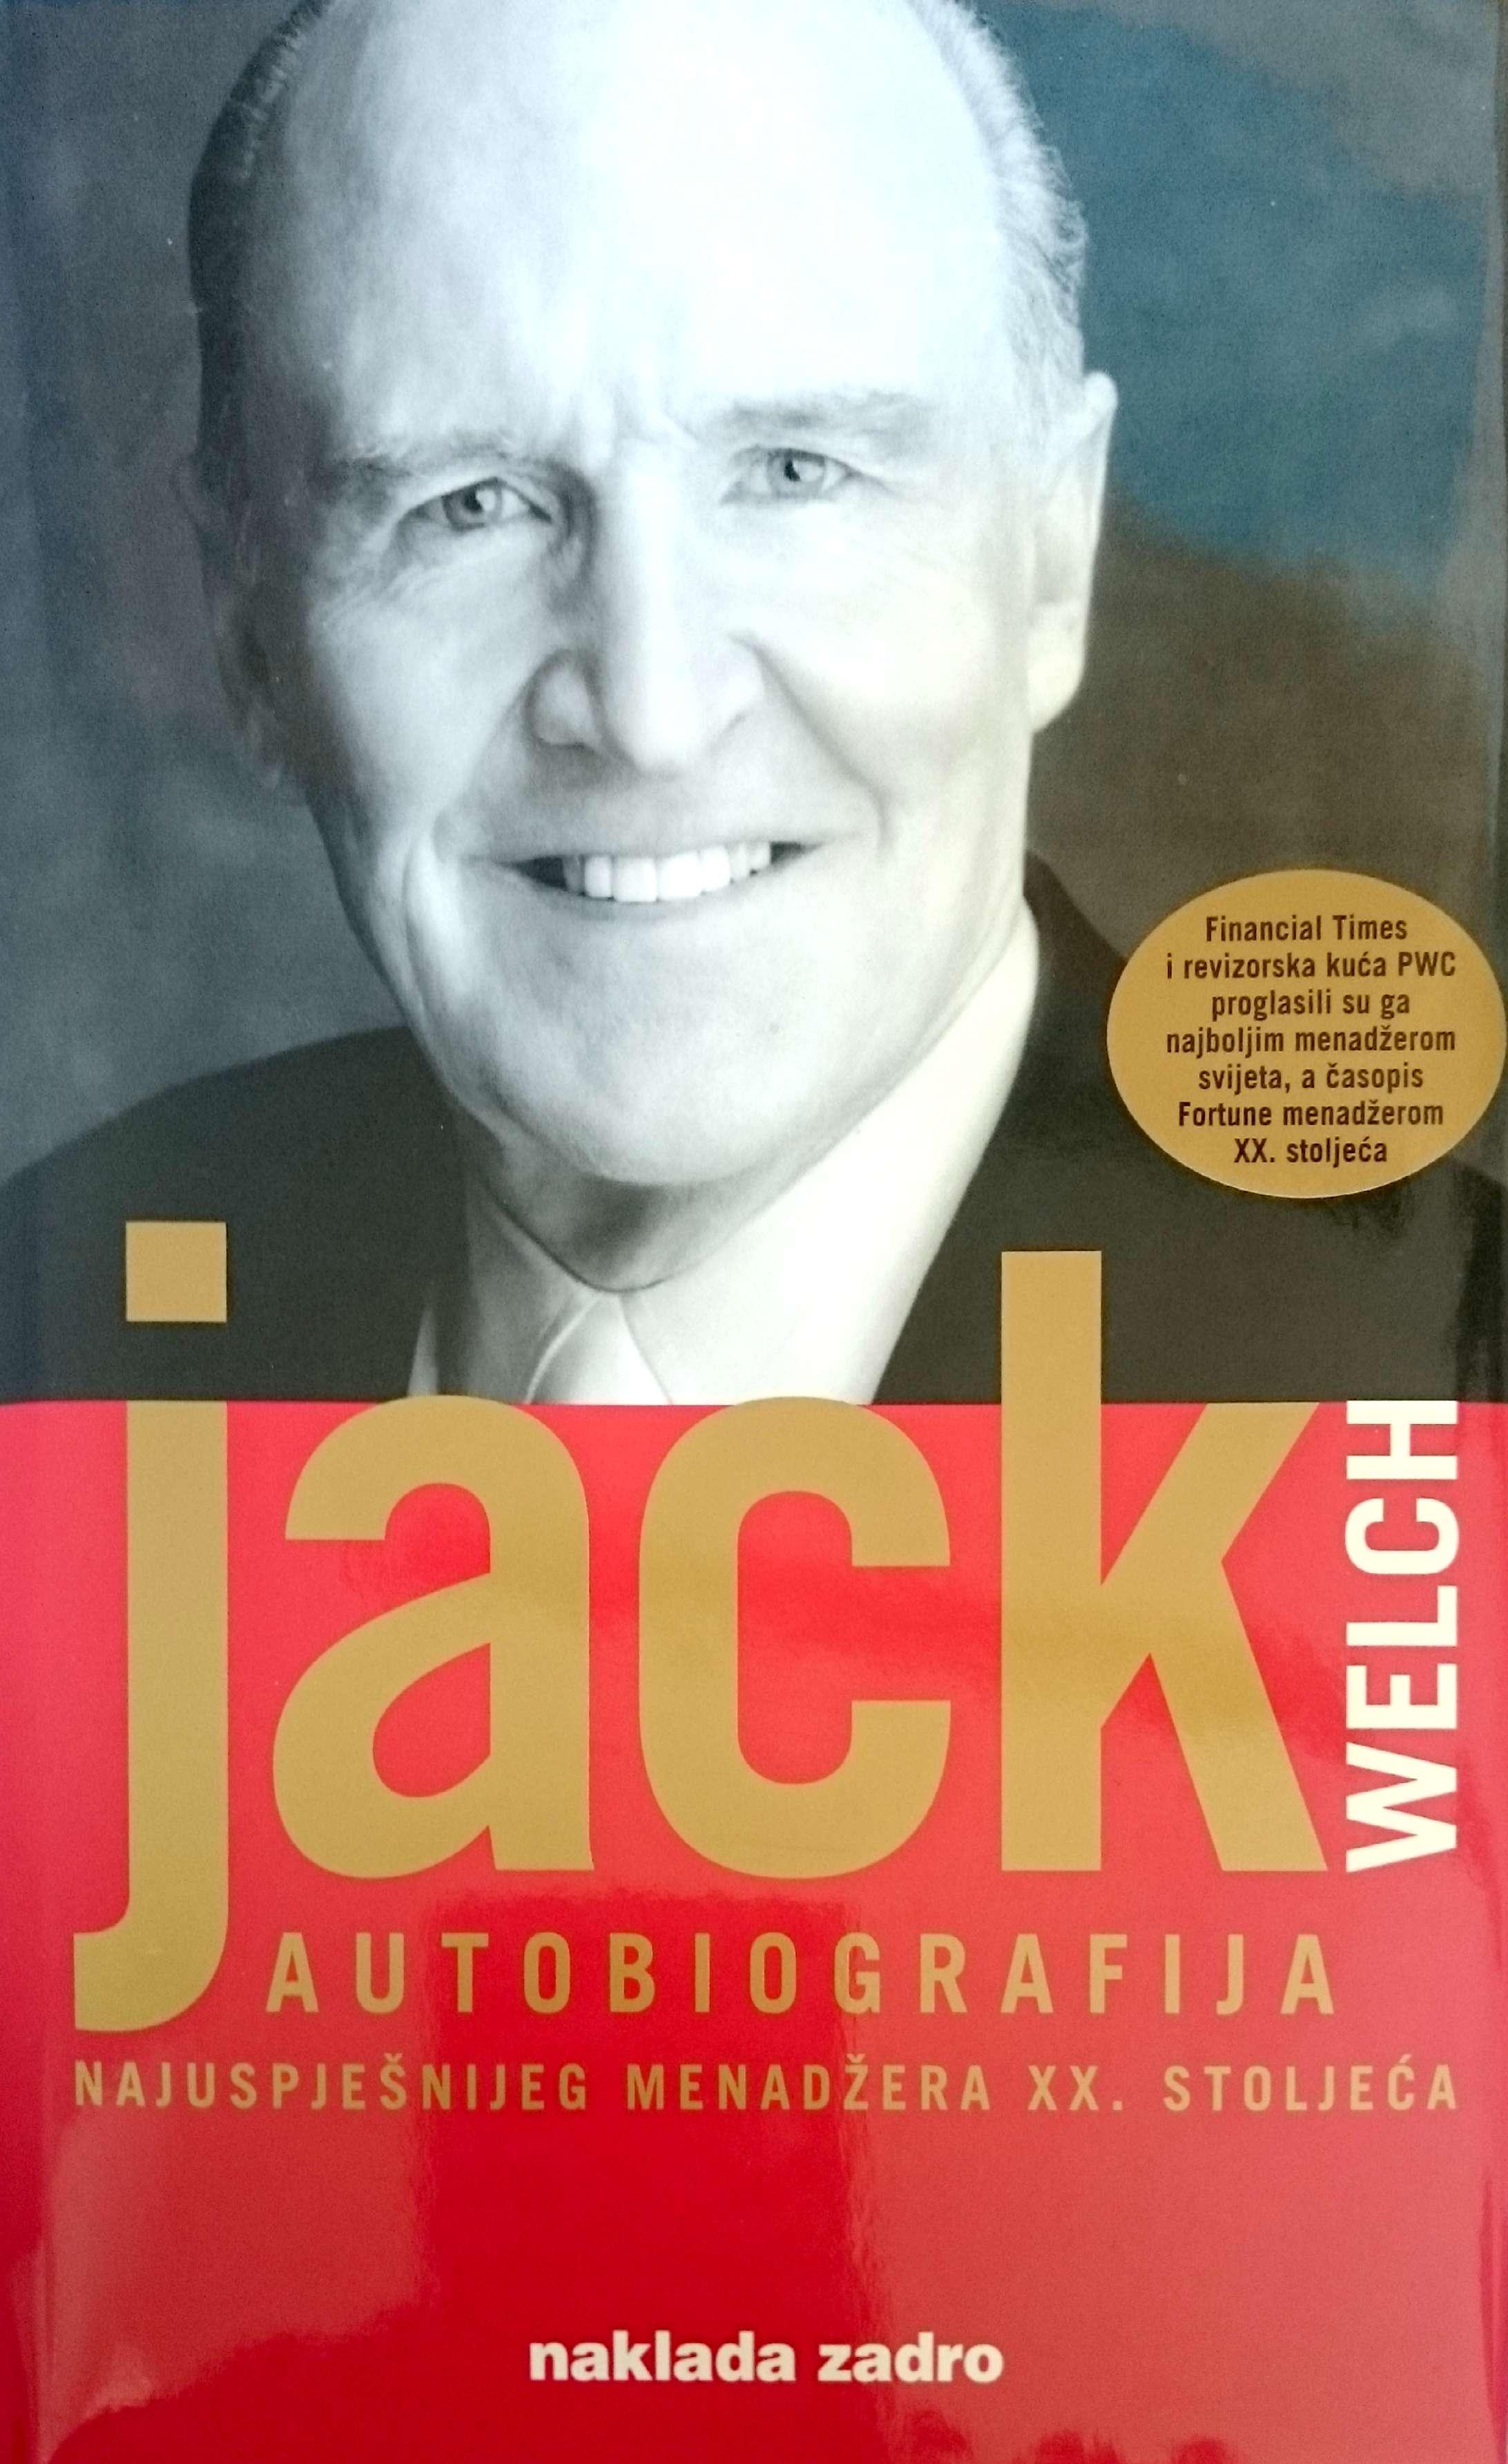 JACK WELCH – AUTOBIOGRAFIJA - Naruči svoju knjigu